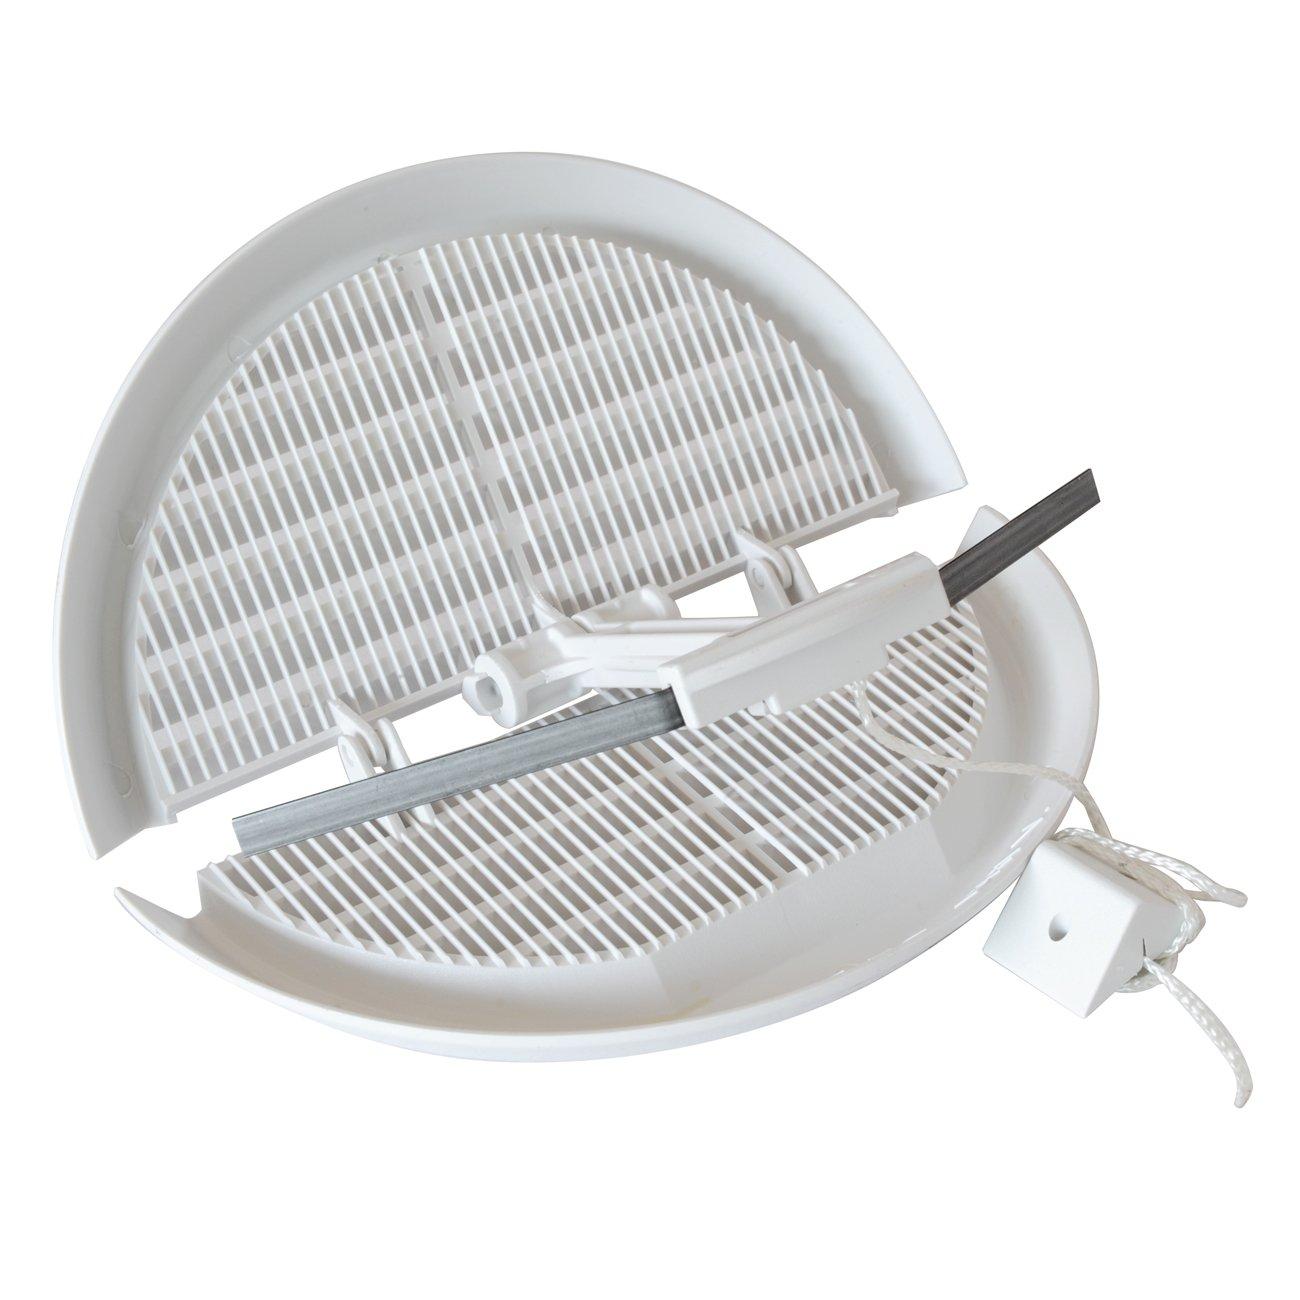 /Ø 170/mm La ventilation dfr140/x grille de ventilation en plastique pliable